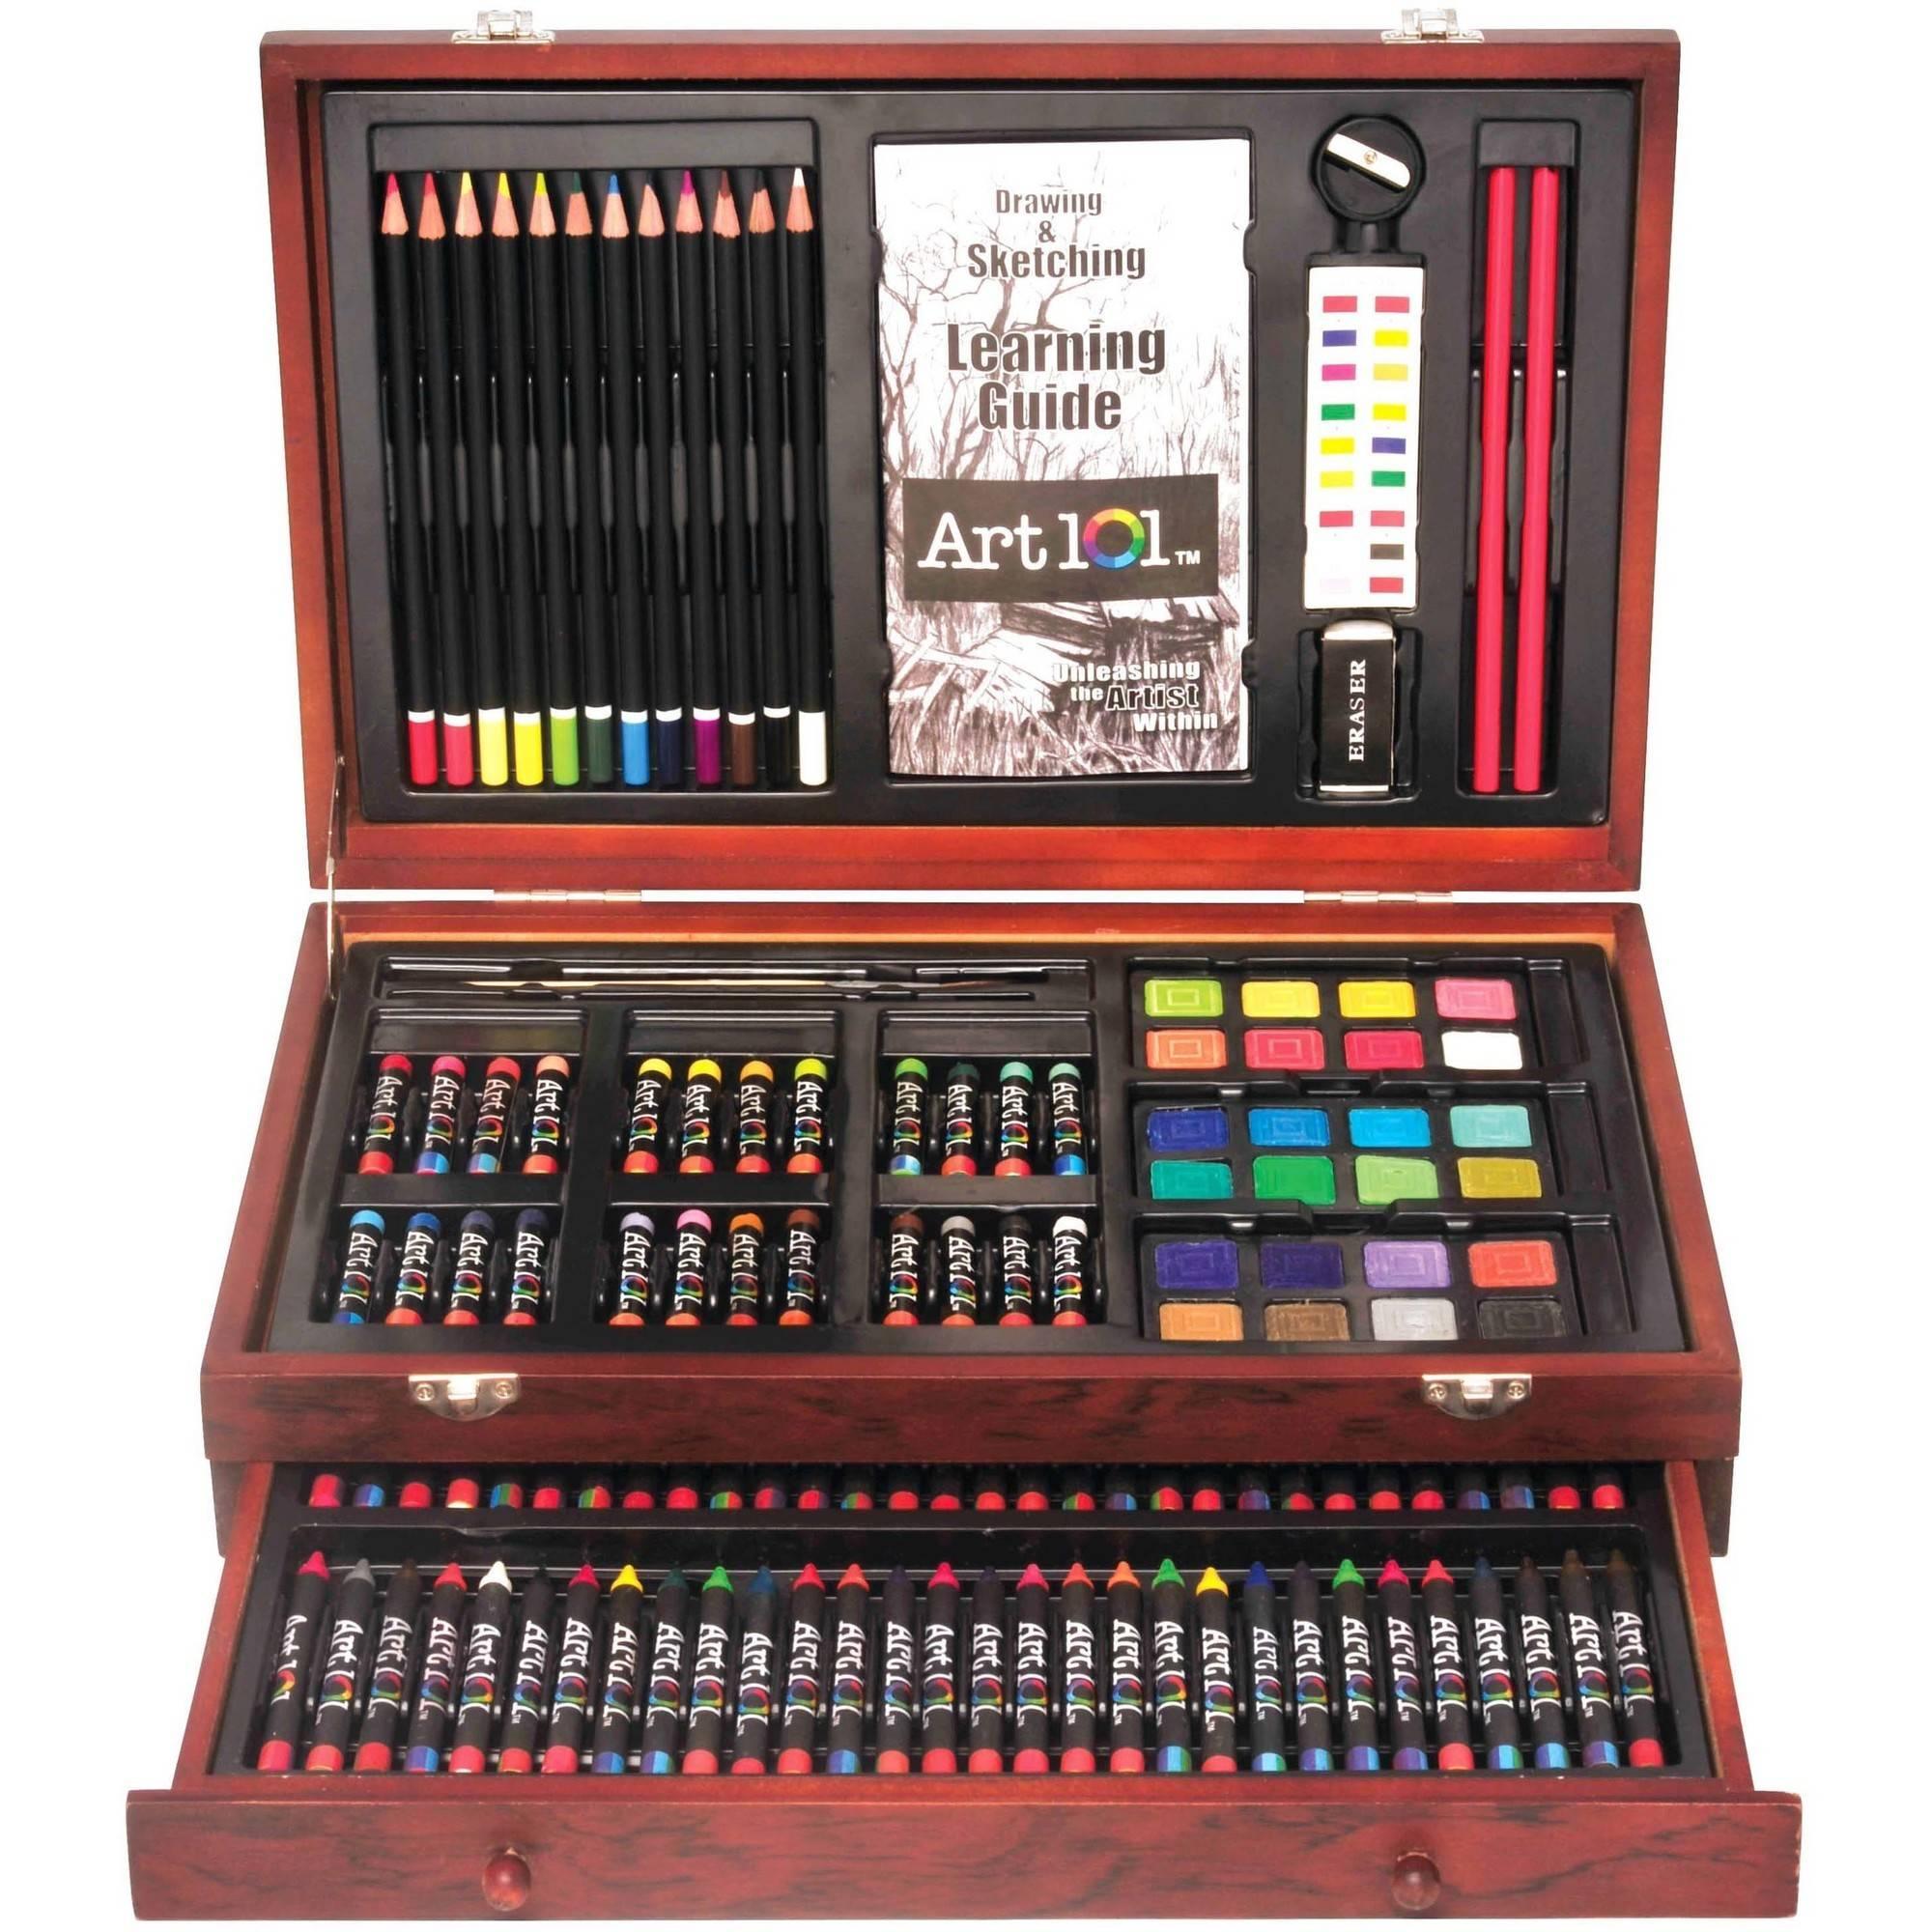 Art 101 Wooden Case 132-Piece Art Set